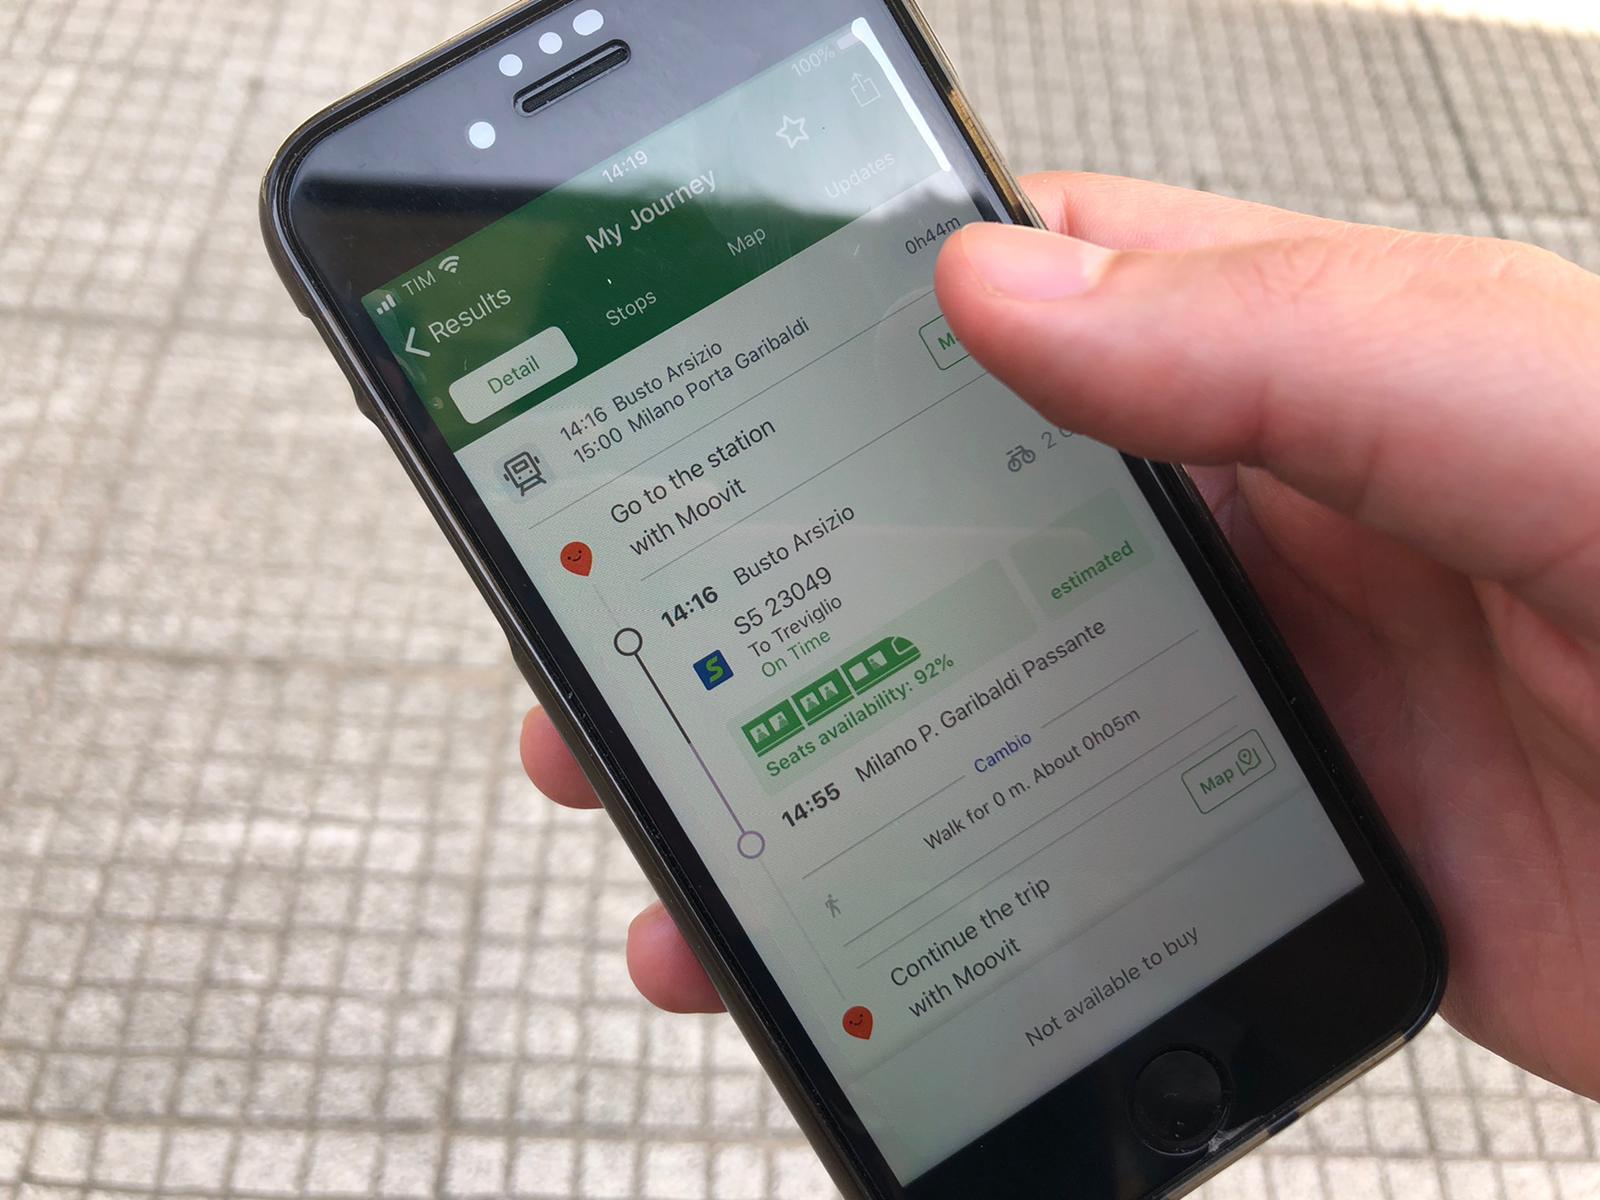 Trenord, l'app mostra la disponibilità di posti sul treno in arrivo